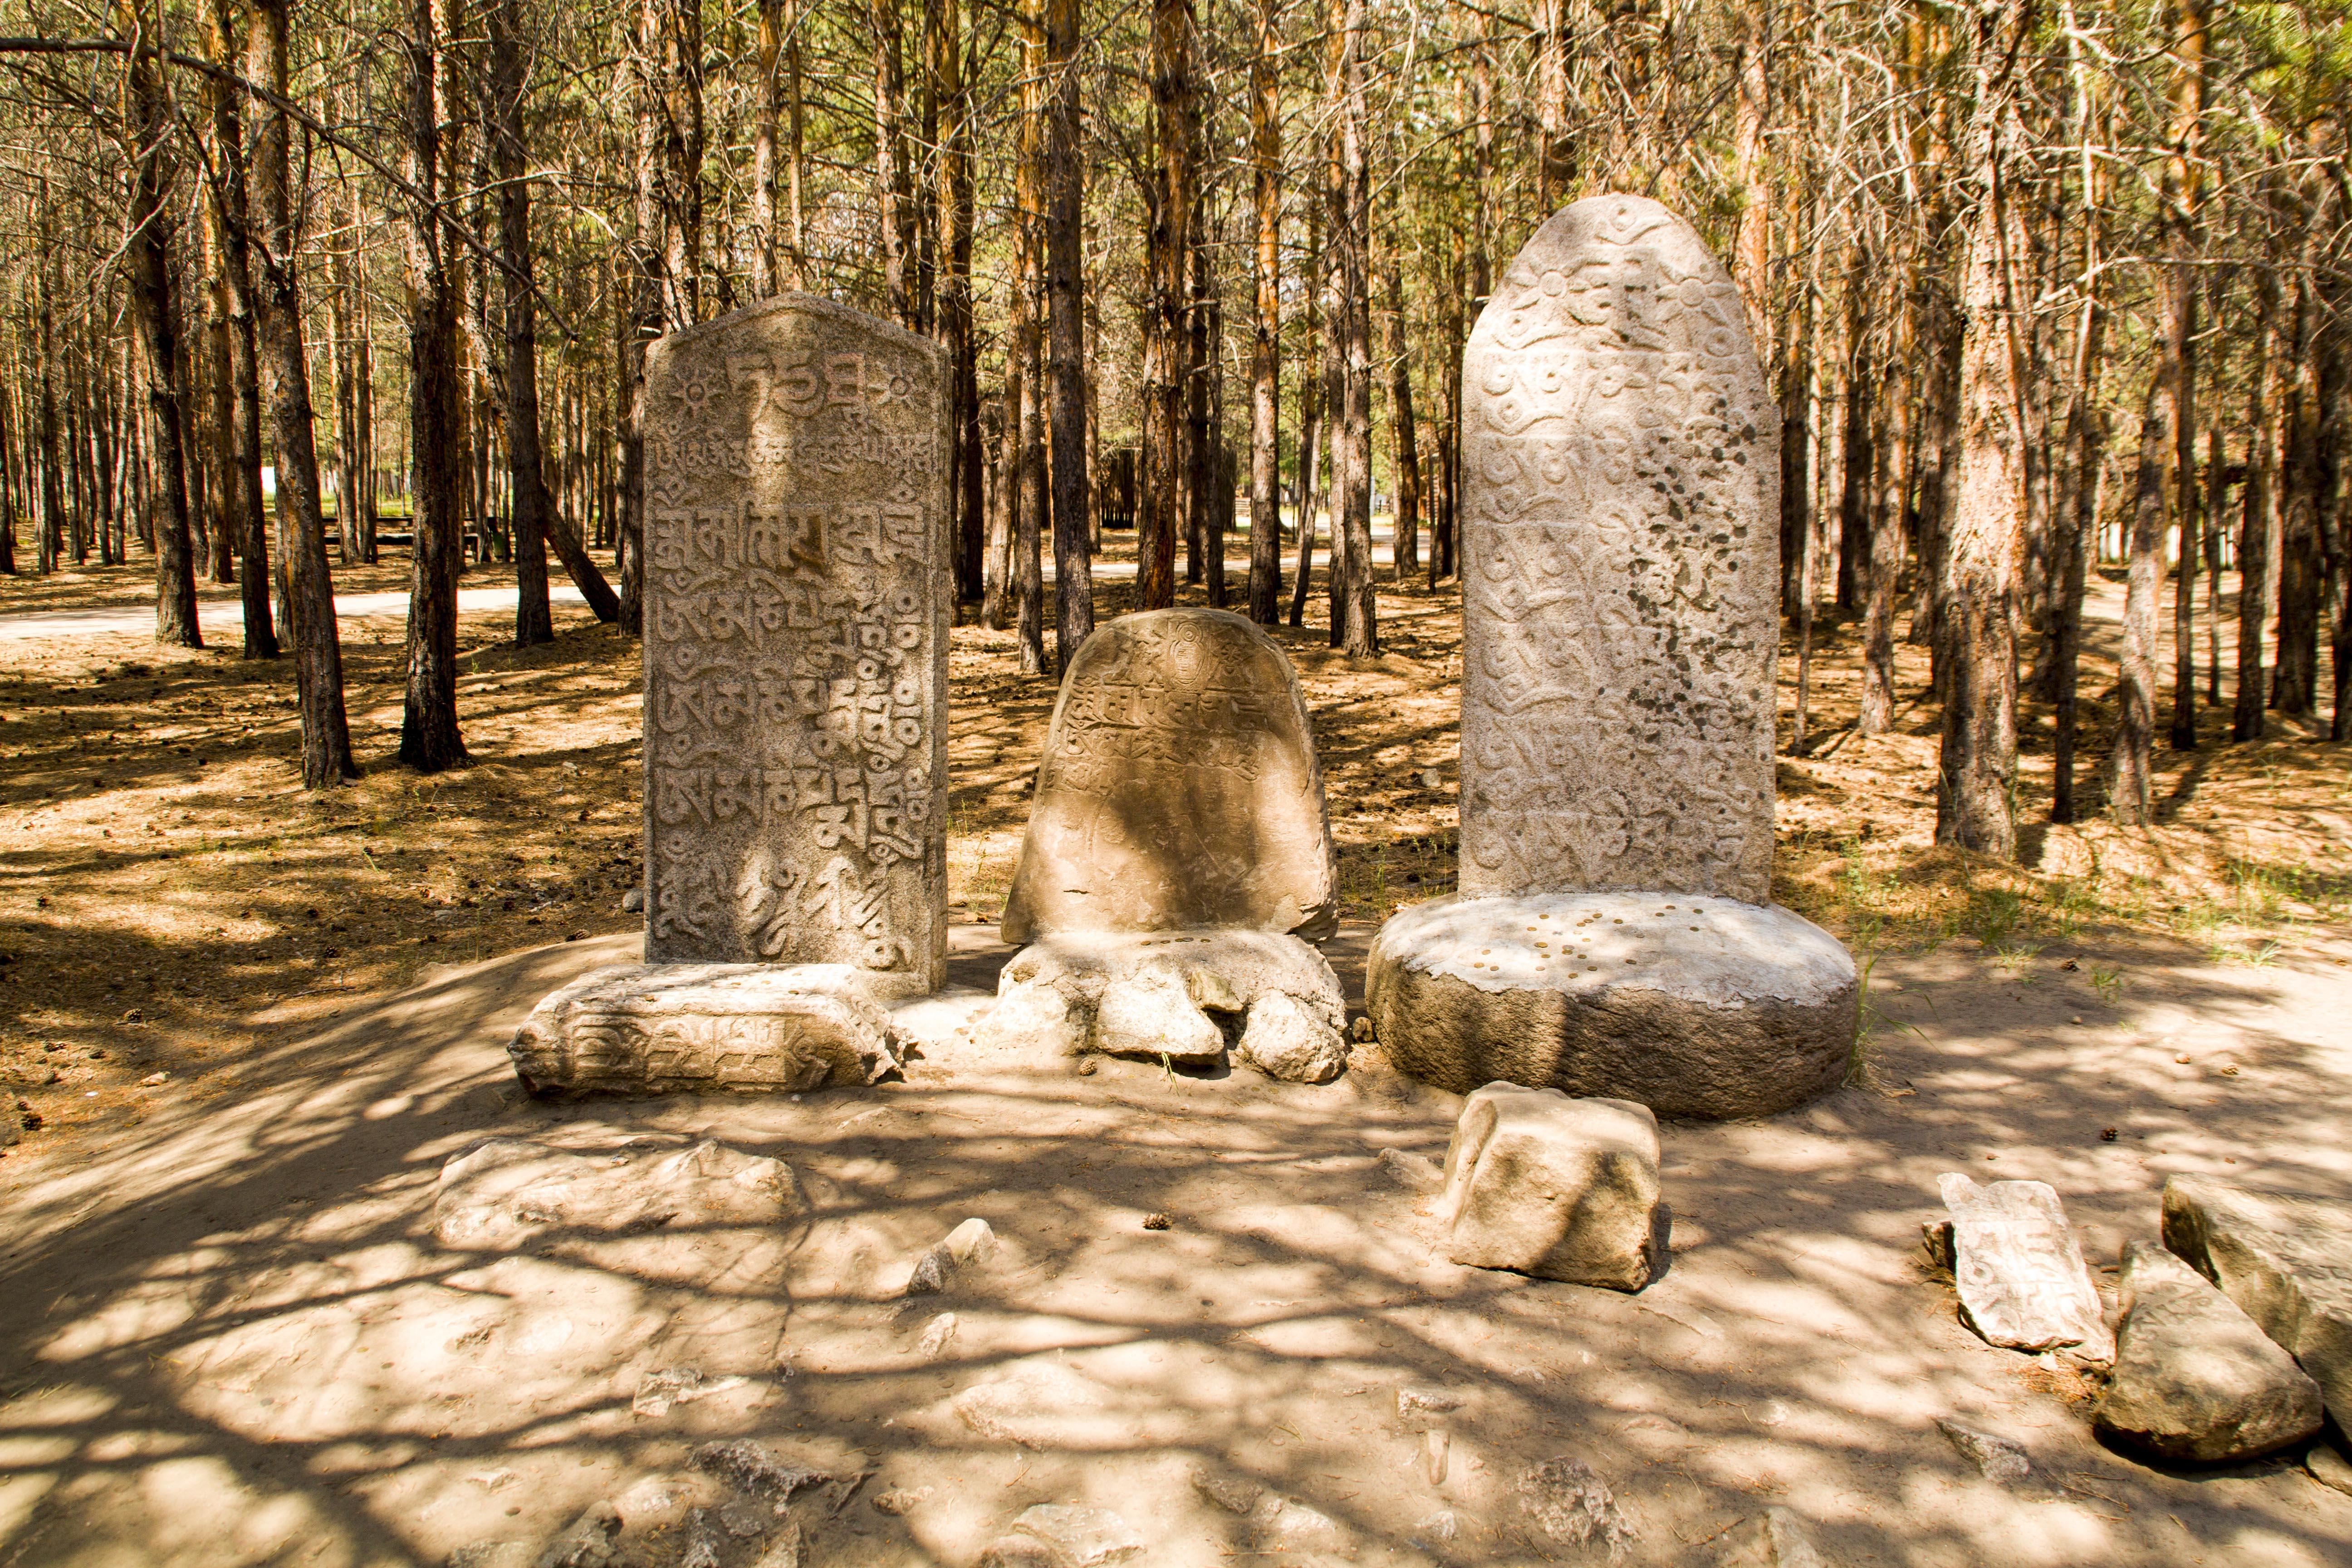 Шаманские камни. Этнографический музей. Улан-Уде